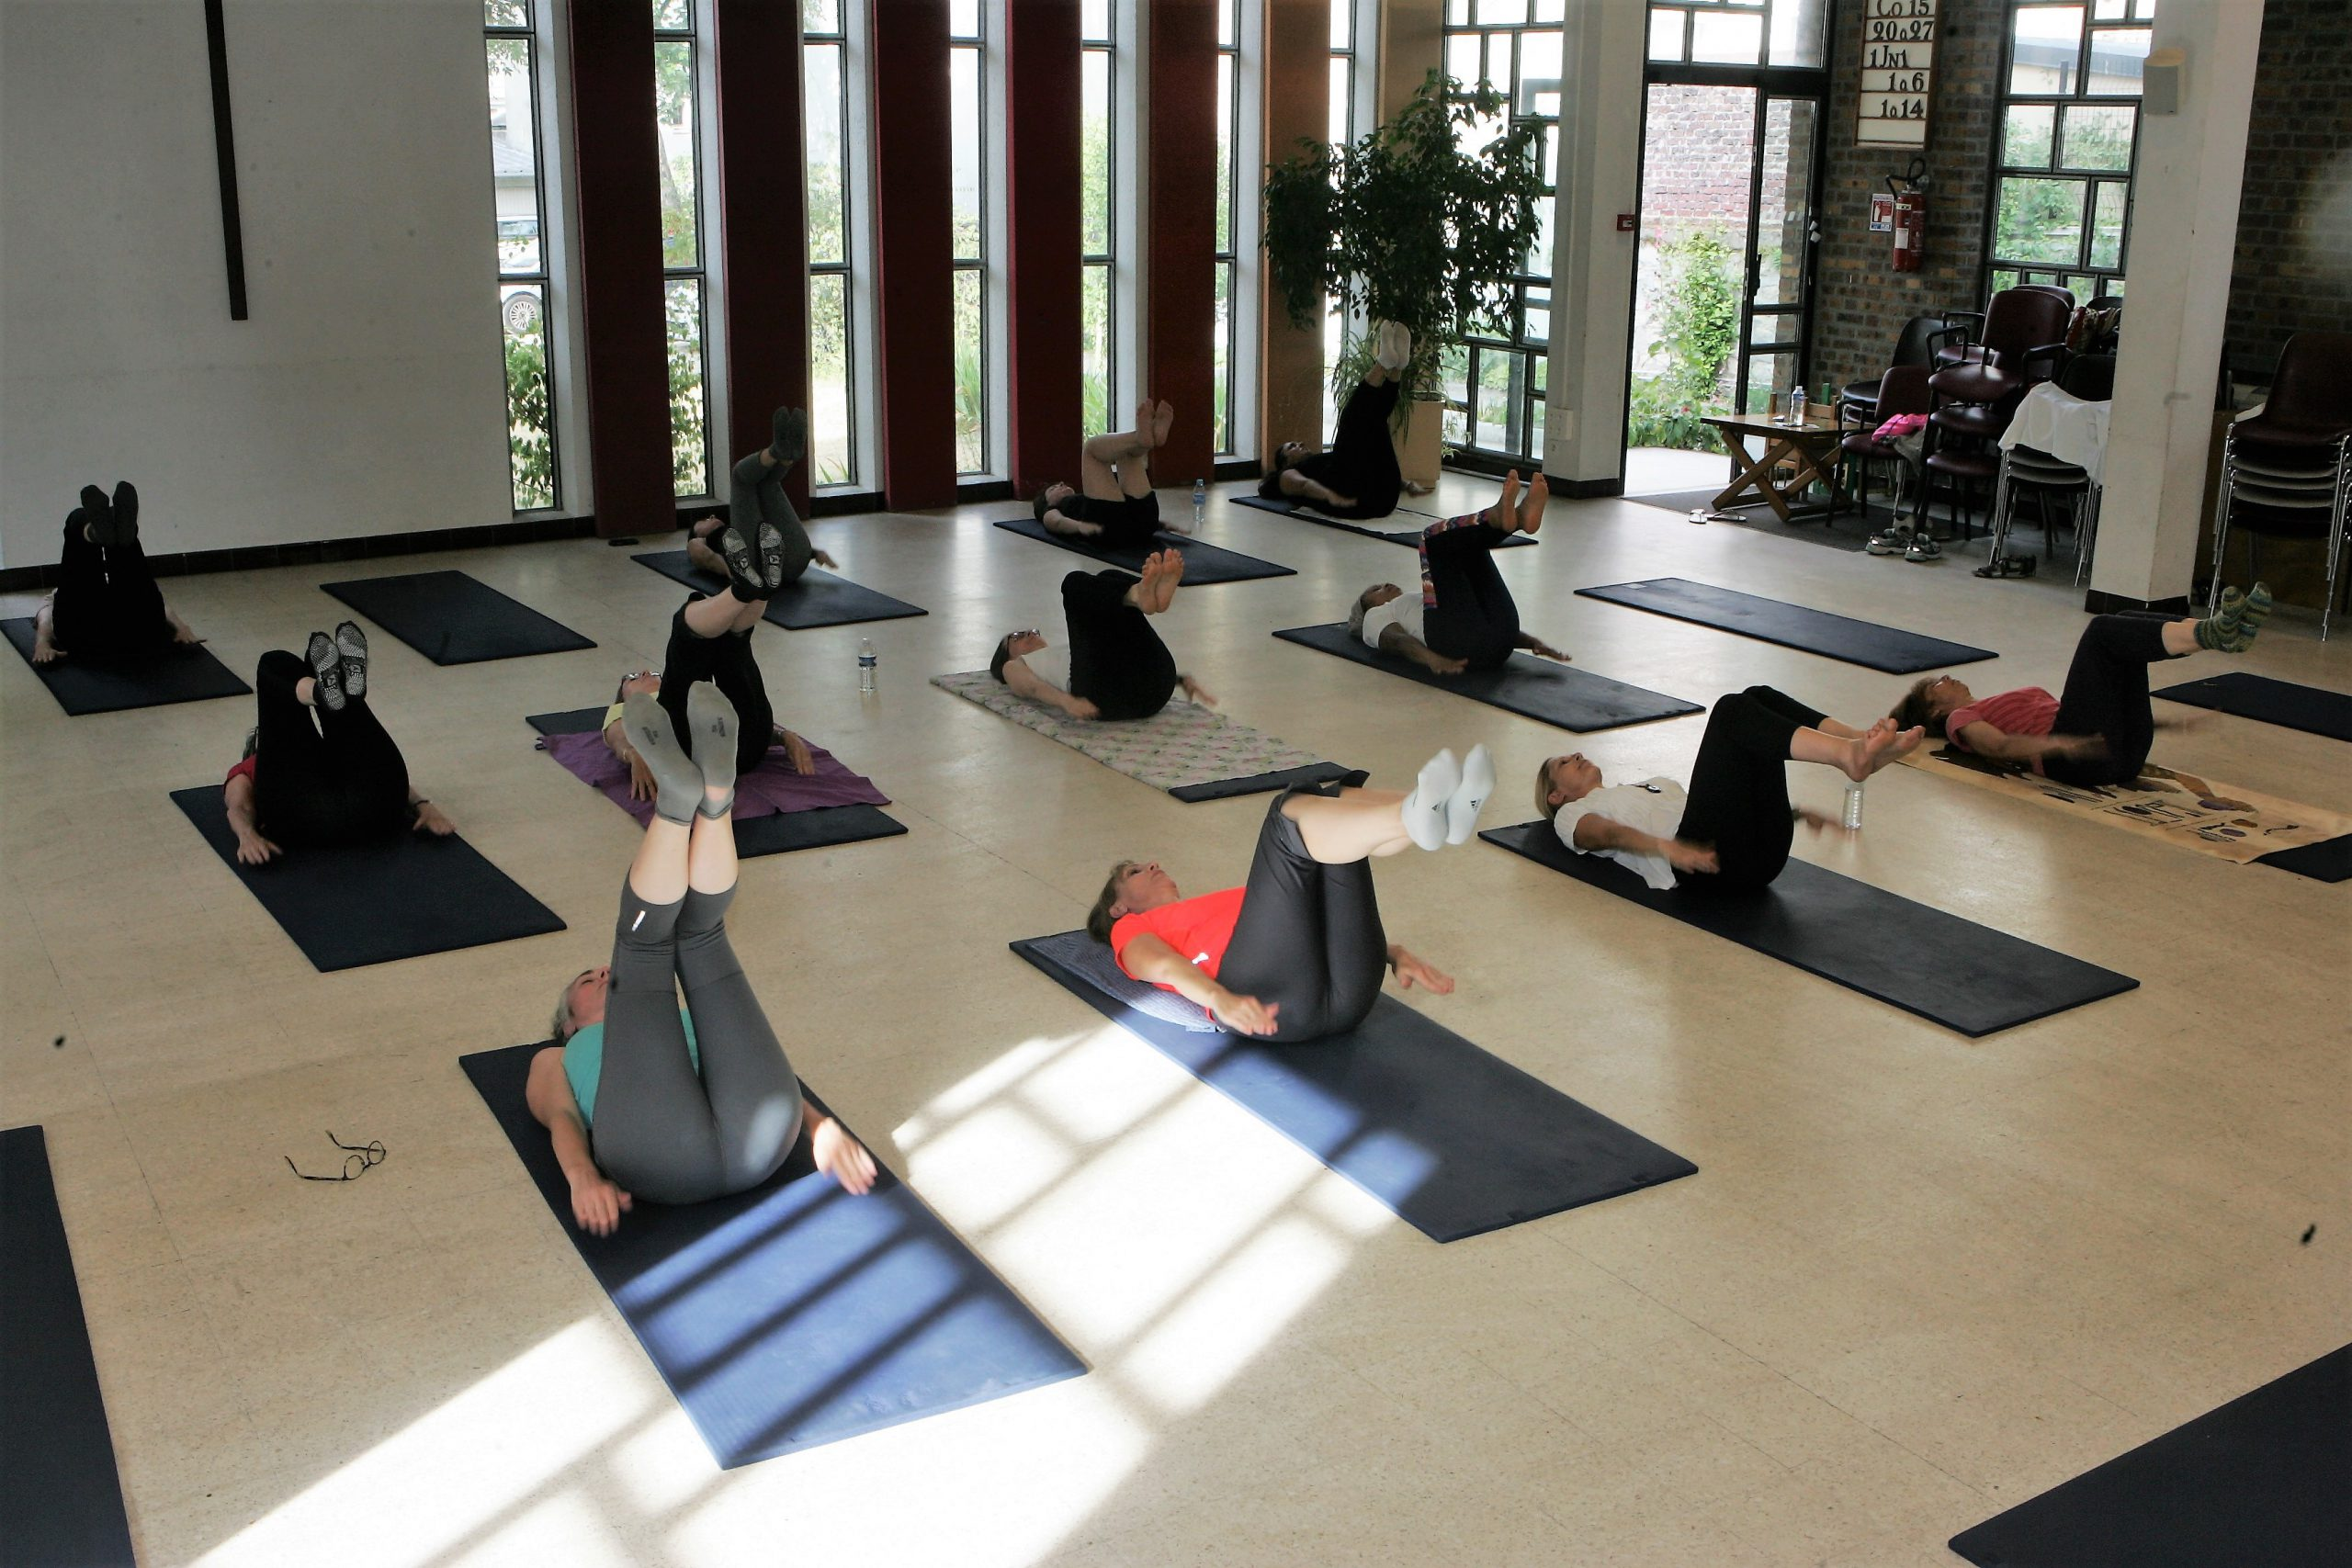 pilates - Centre 72